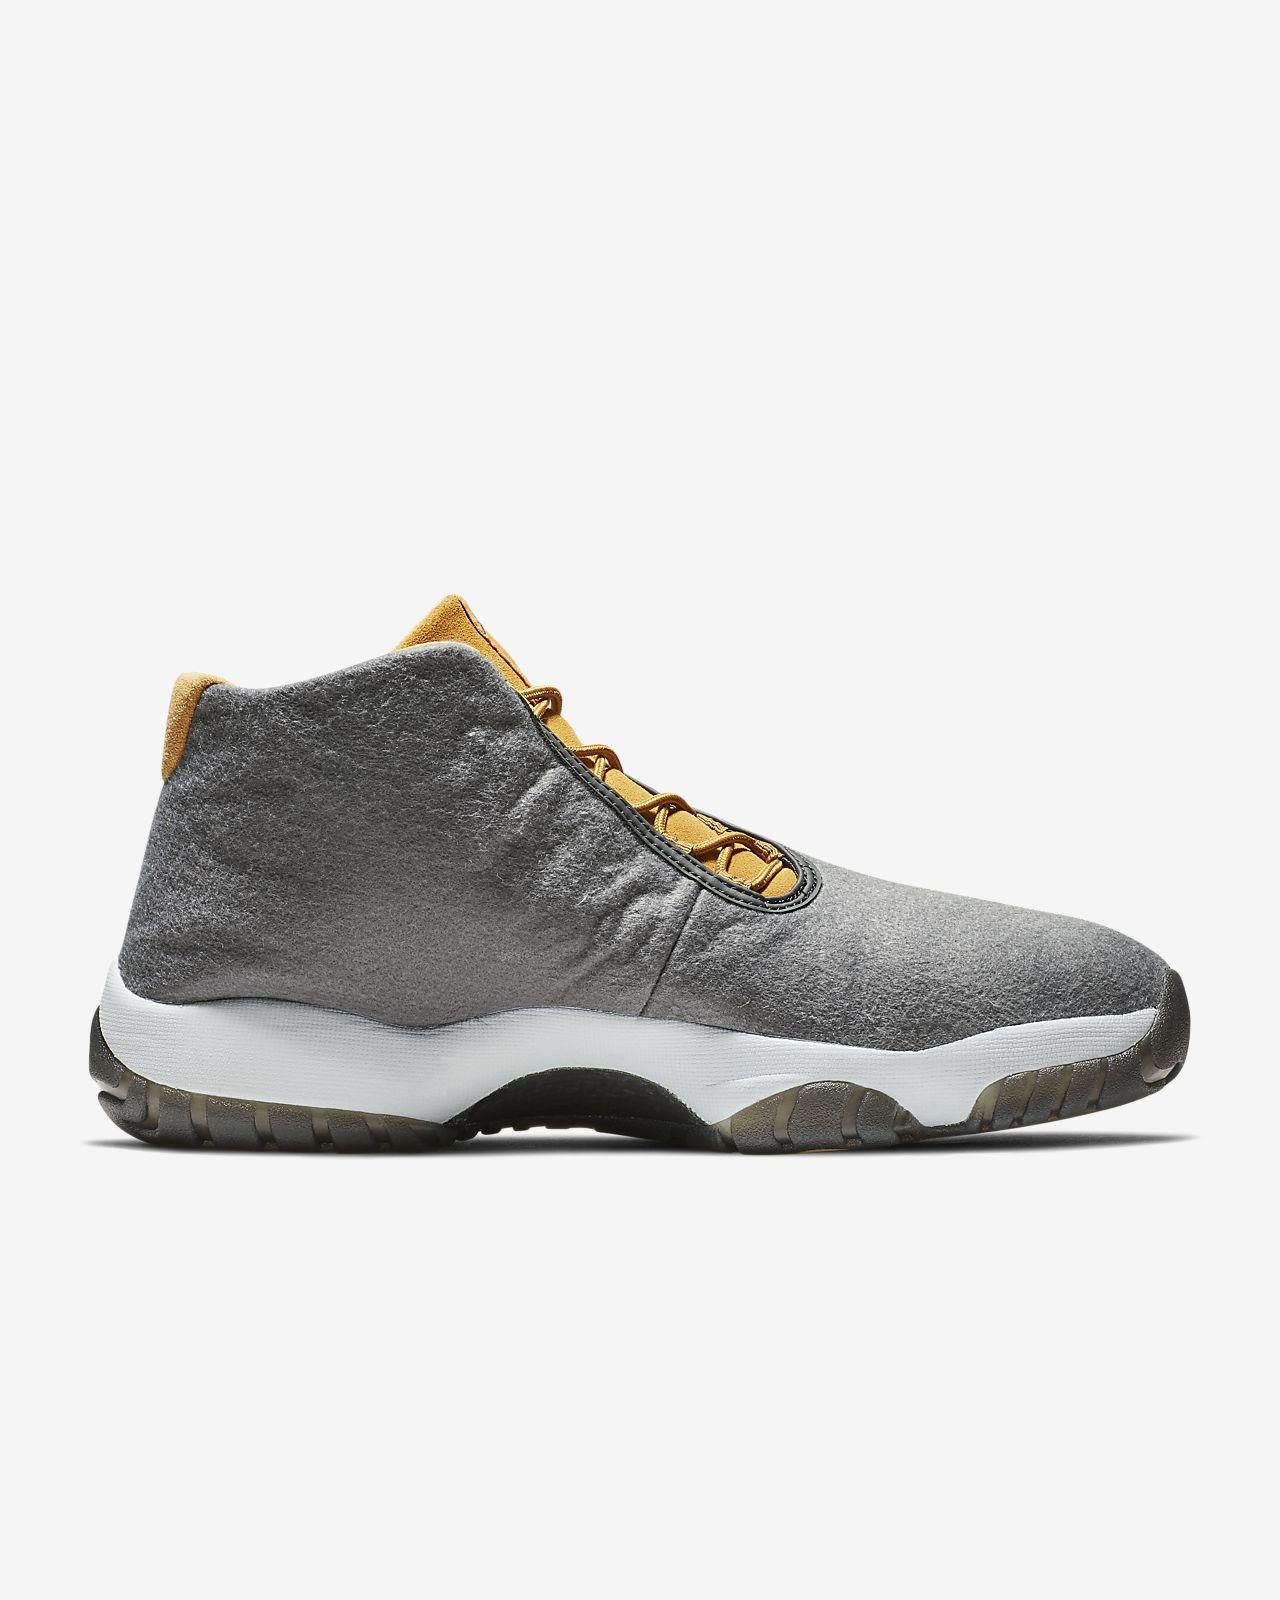 582a92900de919 Air Jordan Future Men s Shoe. Nike.com AT